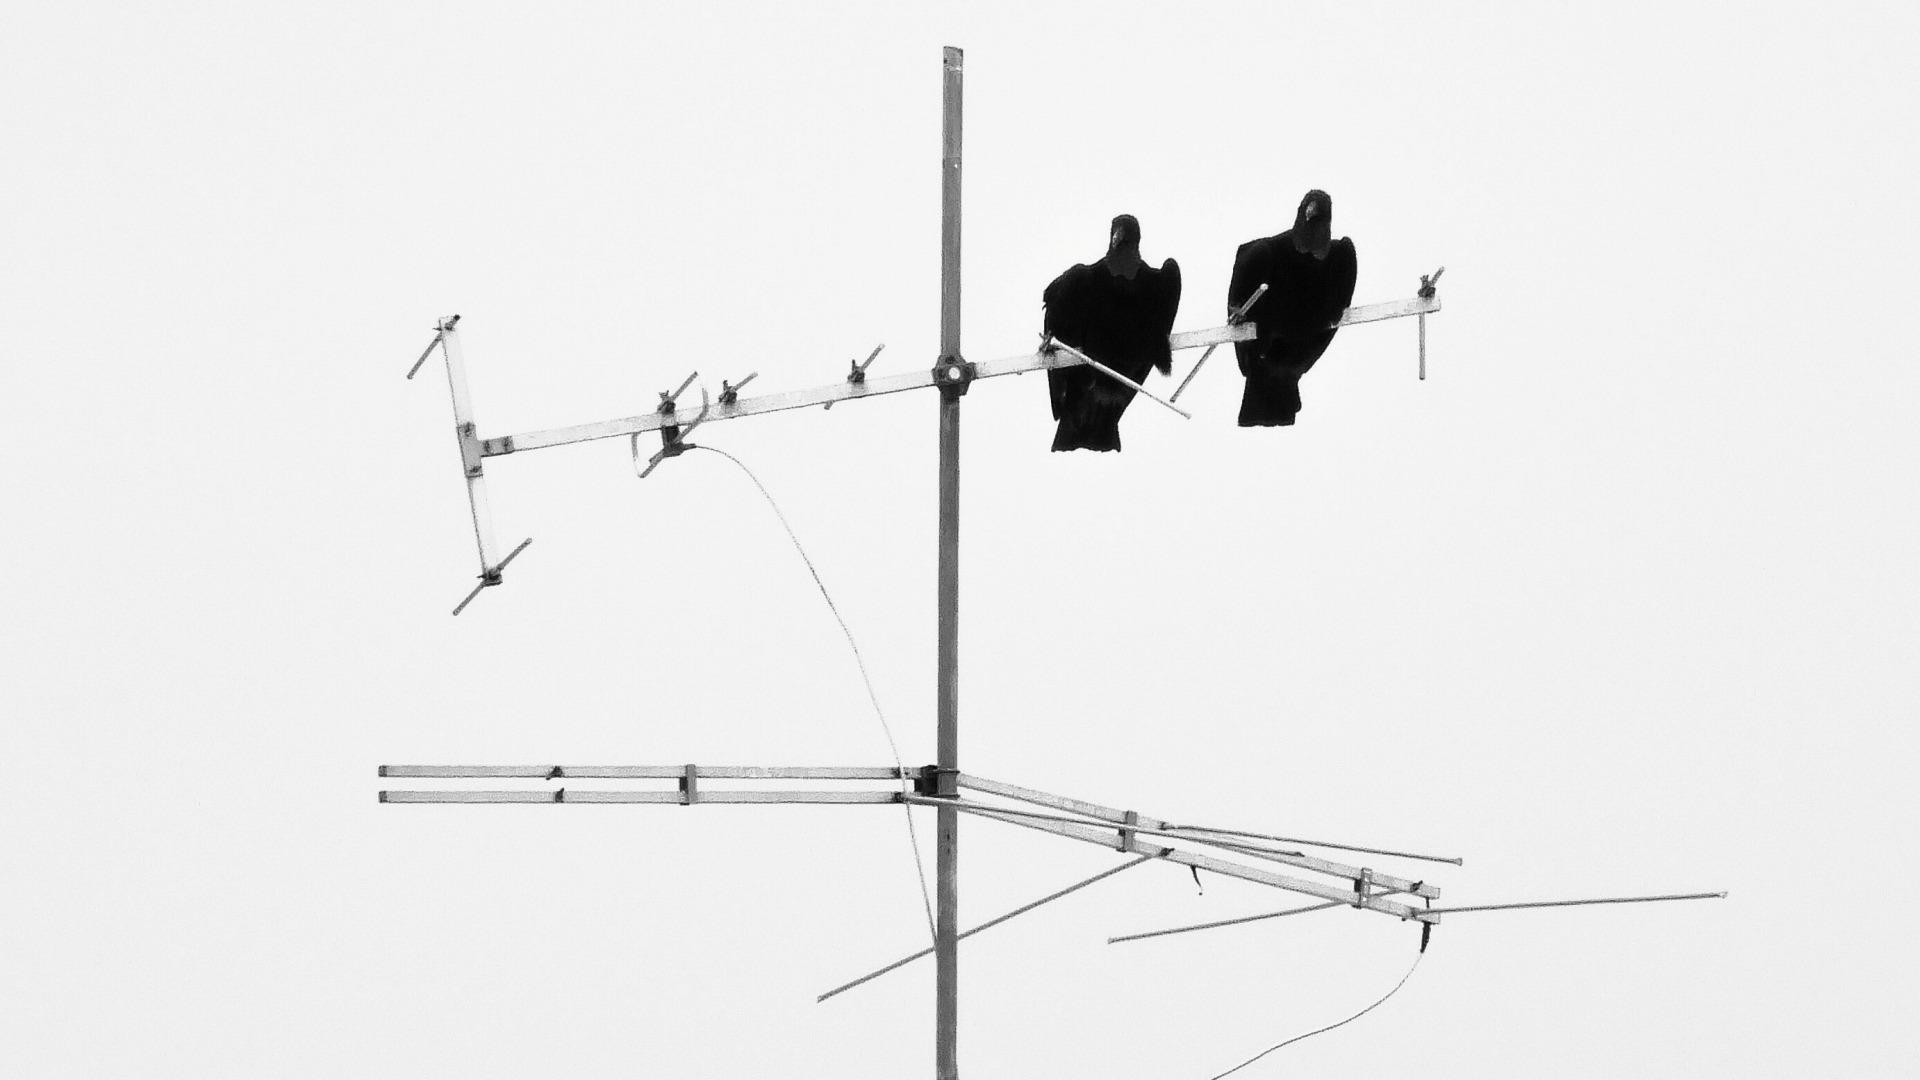 Instalacja okablowania antenowego Warszawa Raszyn